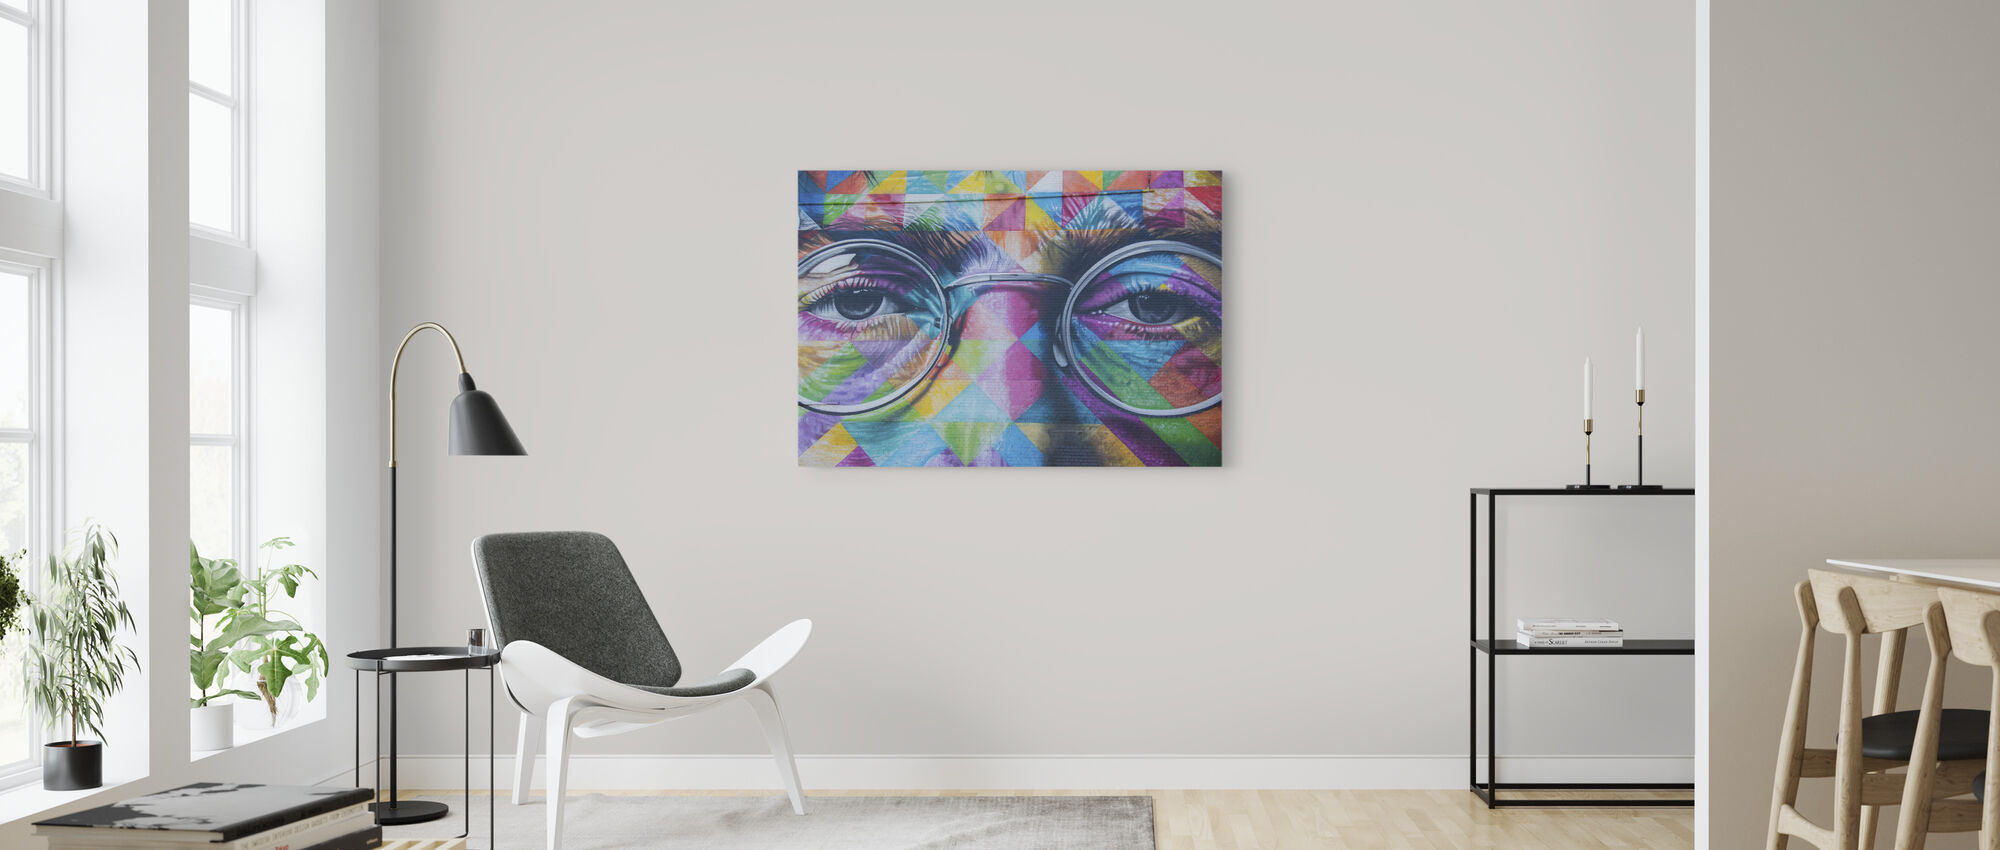 John Lennon Décoration murale - Impression sur toile - Salle à manger